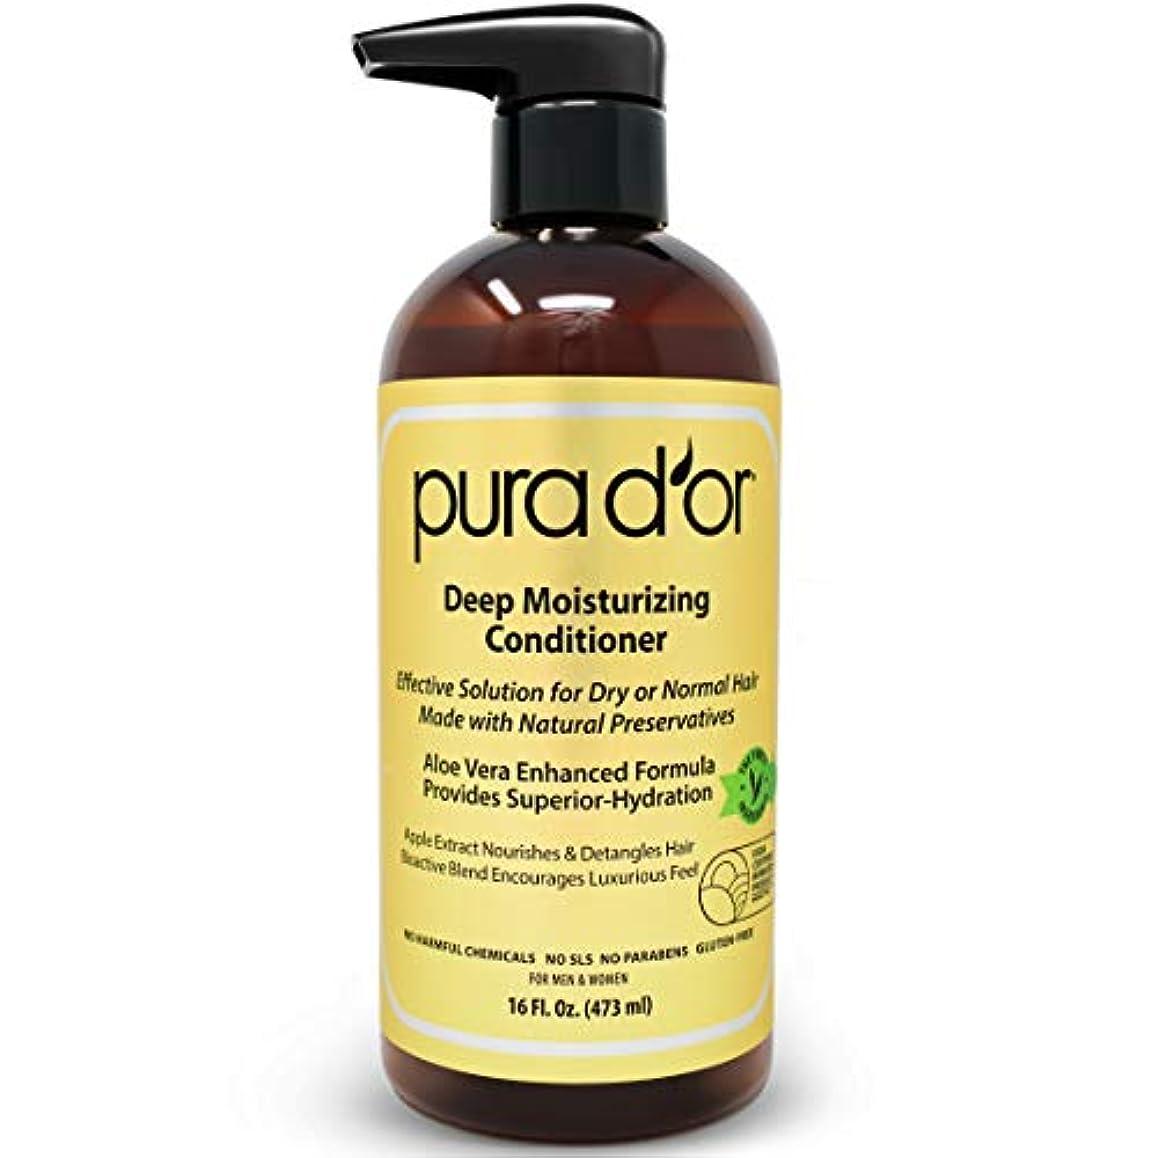 抽出今日モンクPURA D'OR Deep Moisturizing Premium Organic Argan Oil & Aloe Vera Conditioner, 16 Fluid Ounce (473ml)プラドール ディープモイスチャライジング...